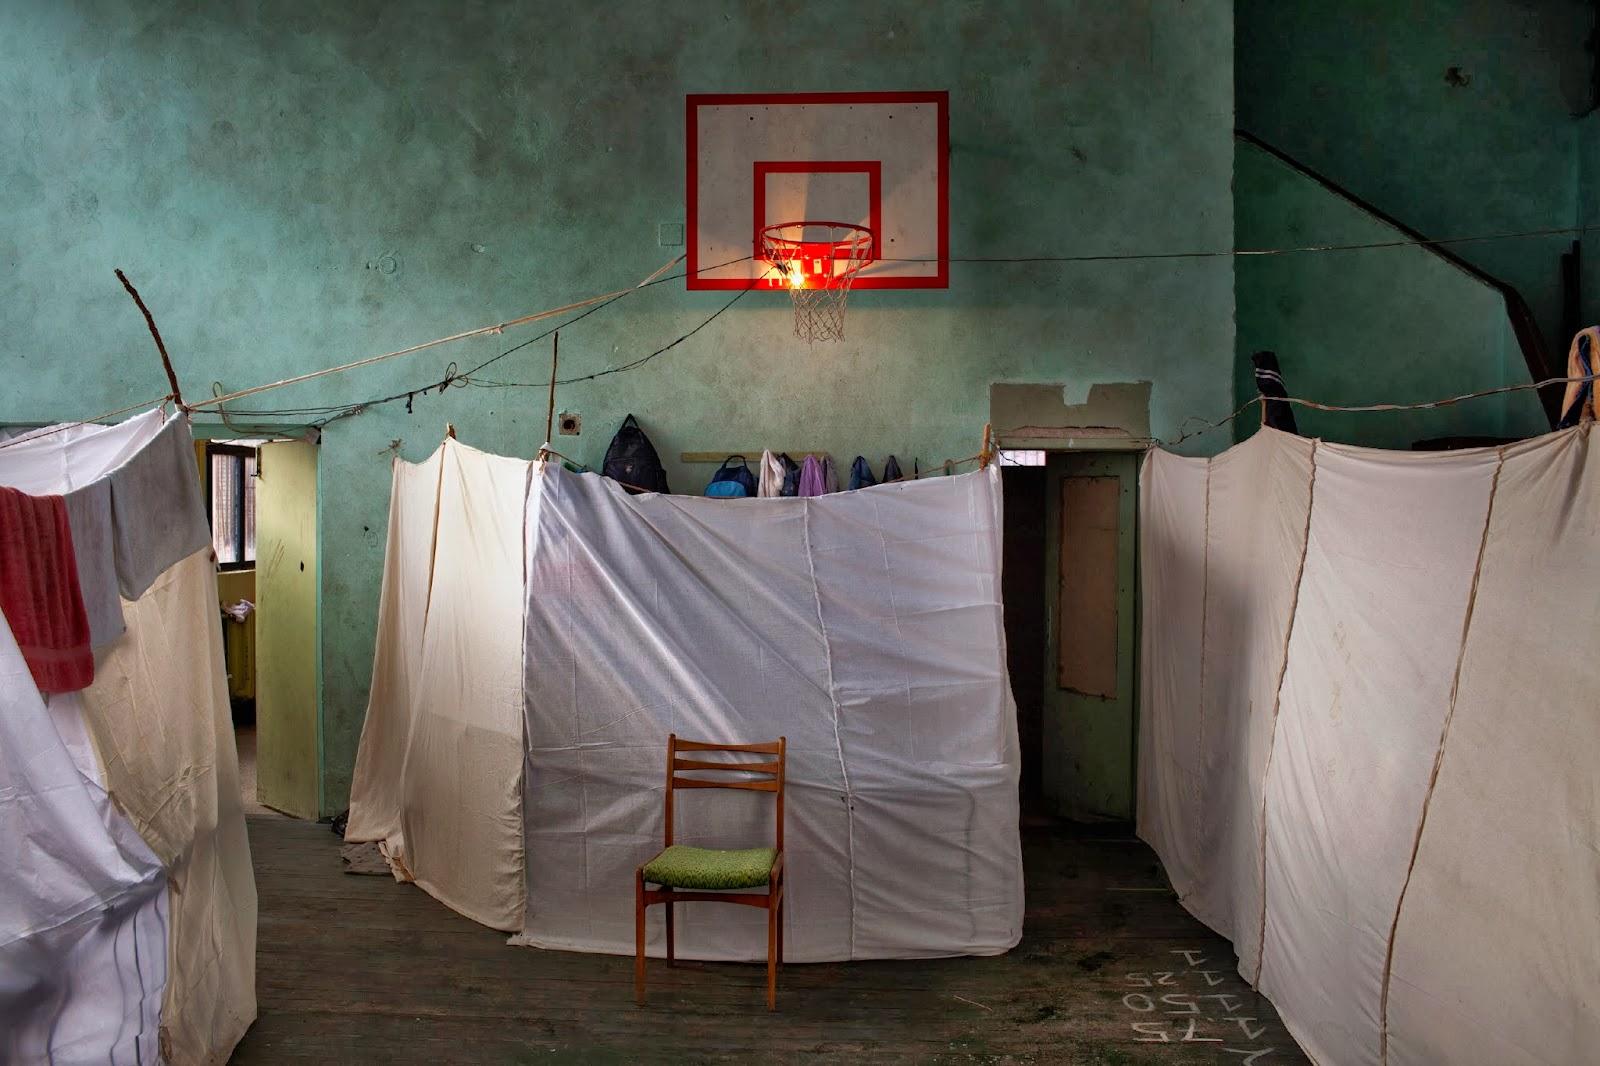 World Press Photo, Alessandro Penso